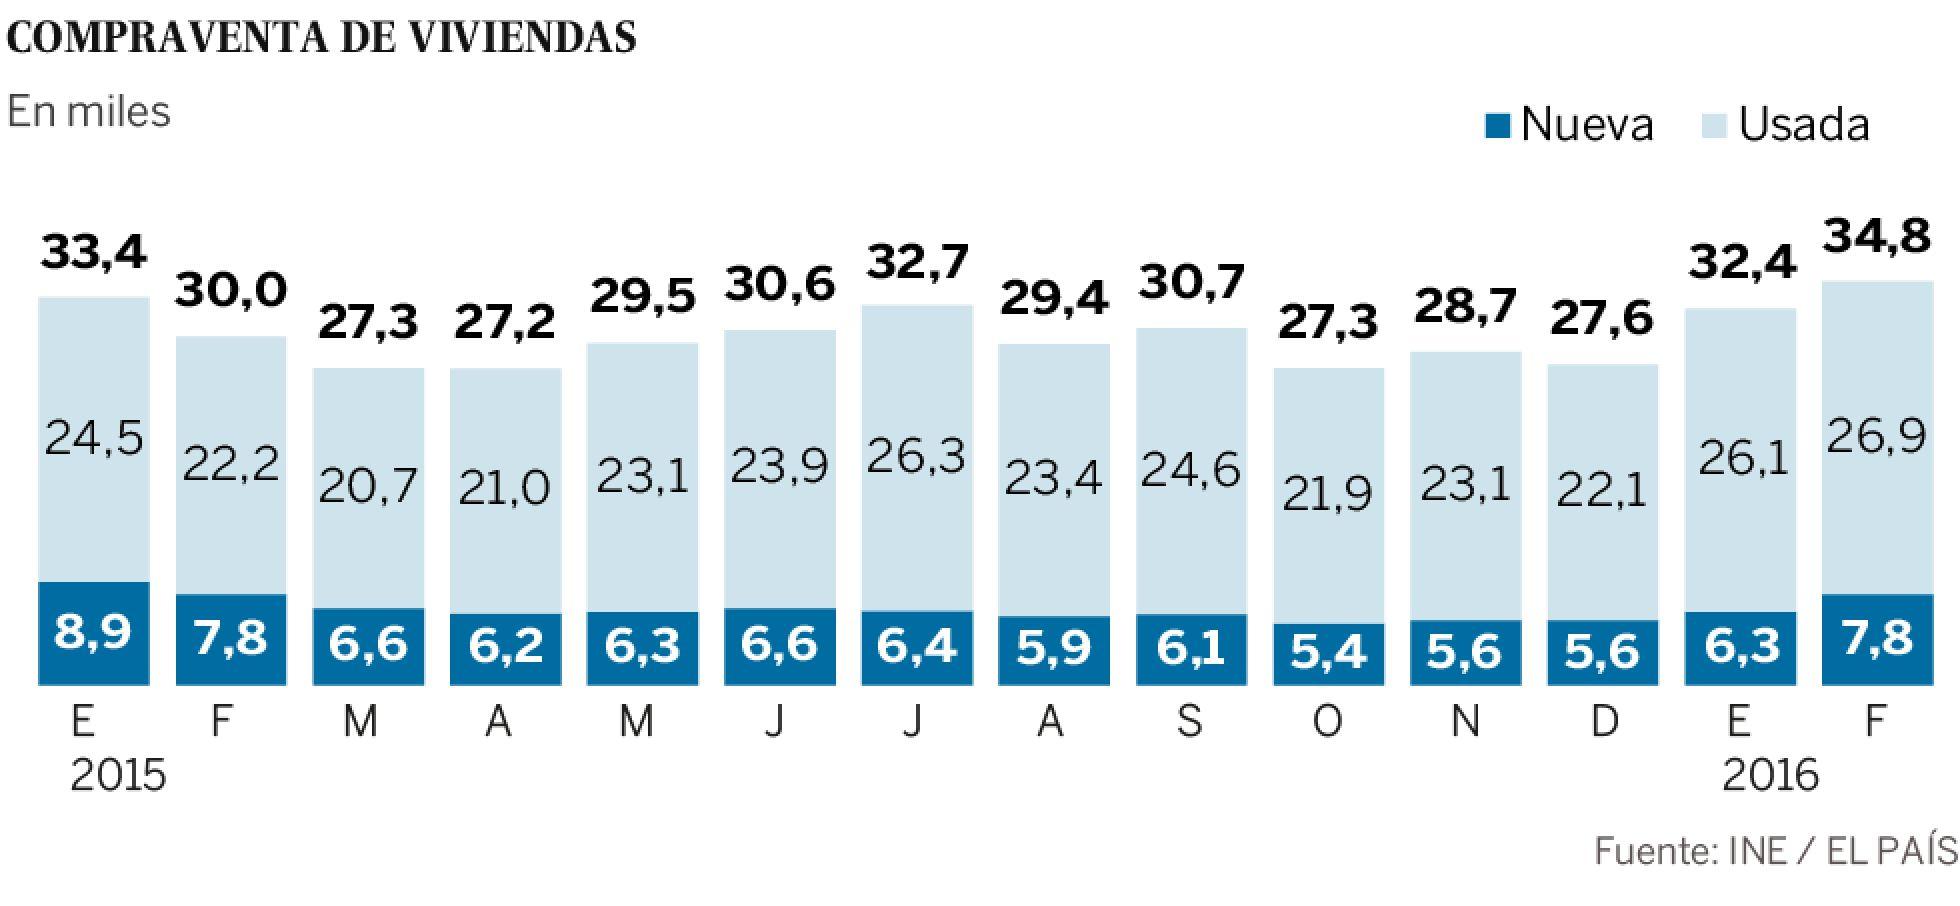 Realidades de la vivienda en el capitalismo español. Luchas contra los desahucios de viviendas. Inversiones y mercado inmobiliario - Página 16 1460101770_887610_1460107552_sumario_normal_recorte1